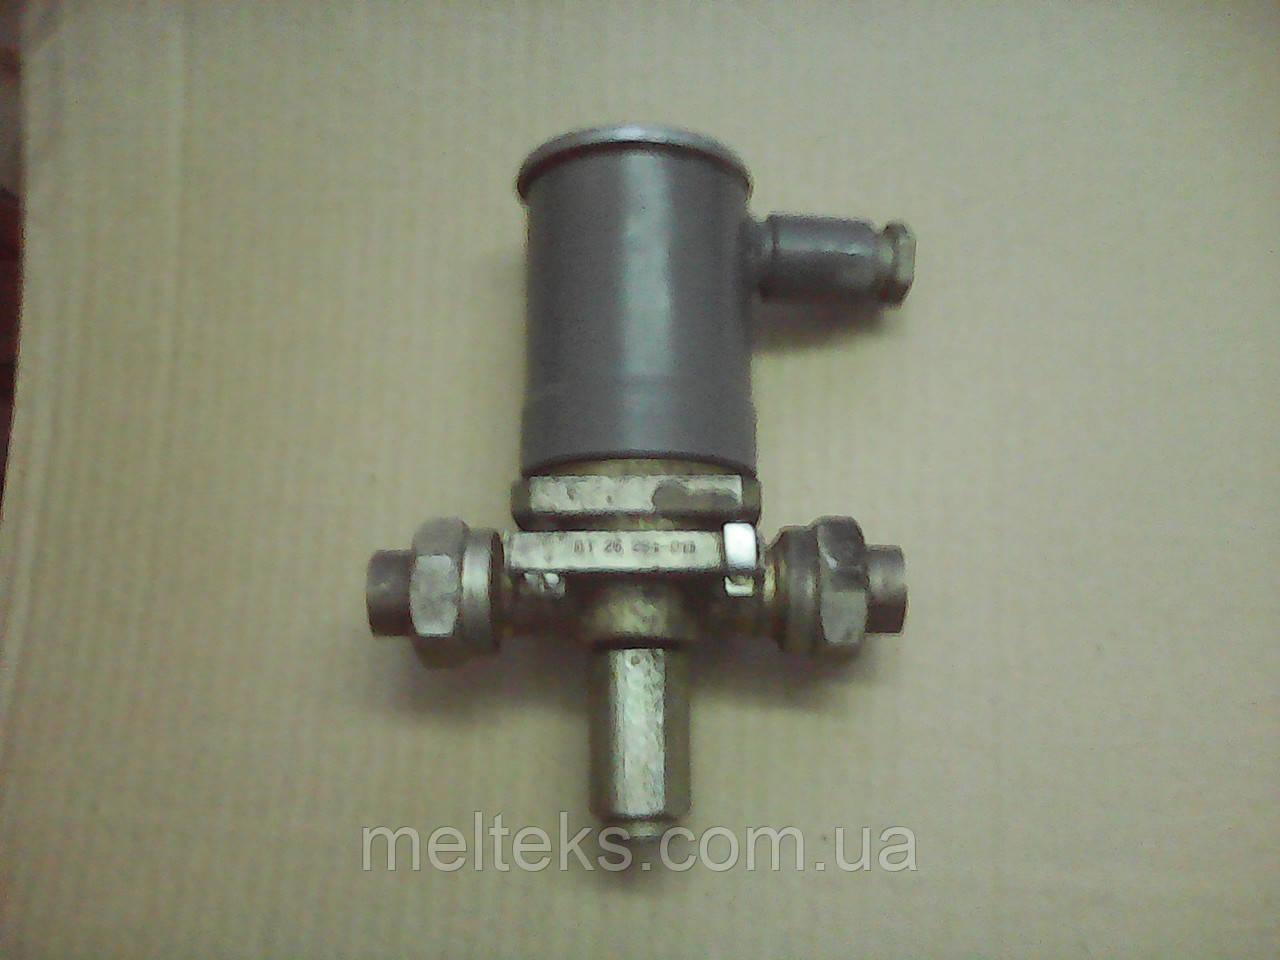 Вентиль клапан соленоидный для аммиака